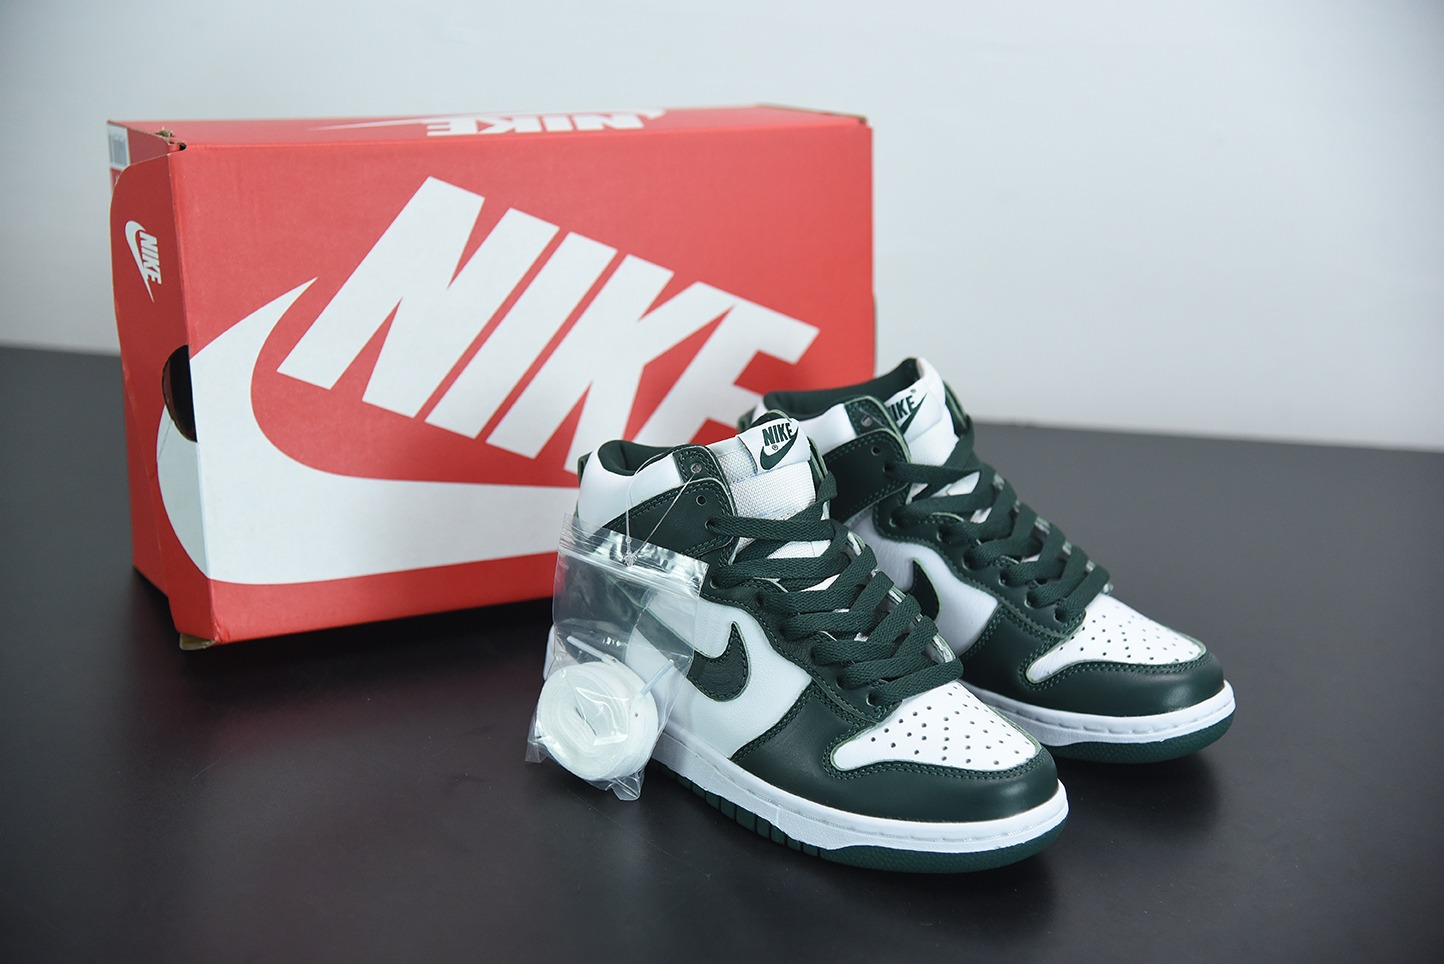 耐克Nike Dunk High SP Pro Green 2020复刻橄榄绿牛油果高帮滑板鞋纯原版本 货号:CZ8149-100